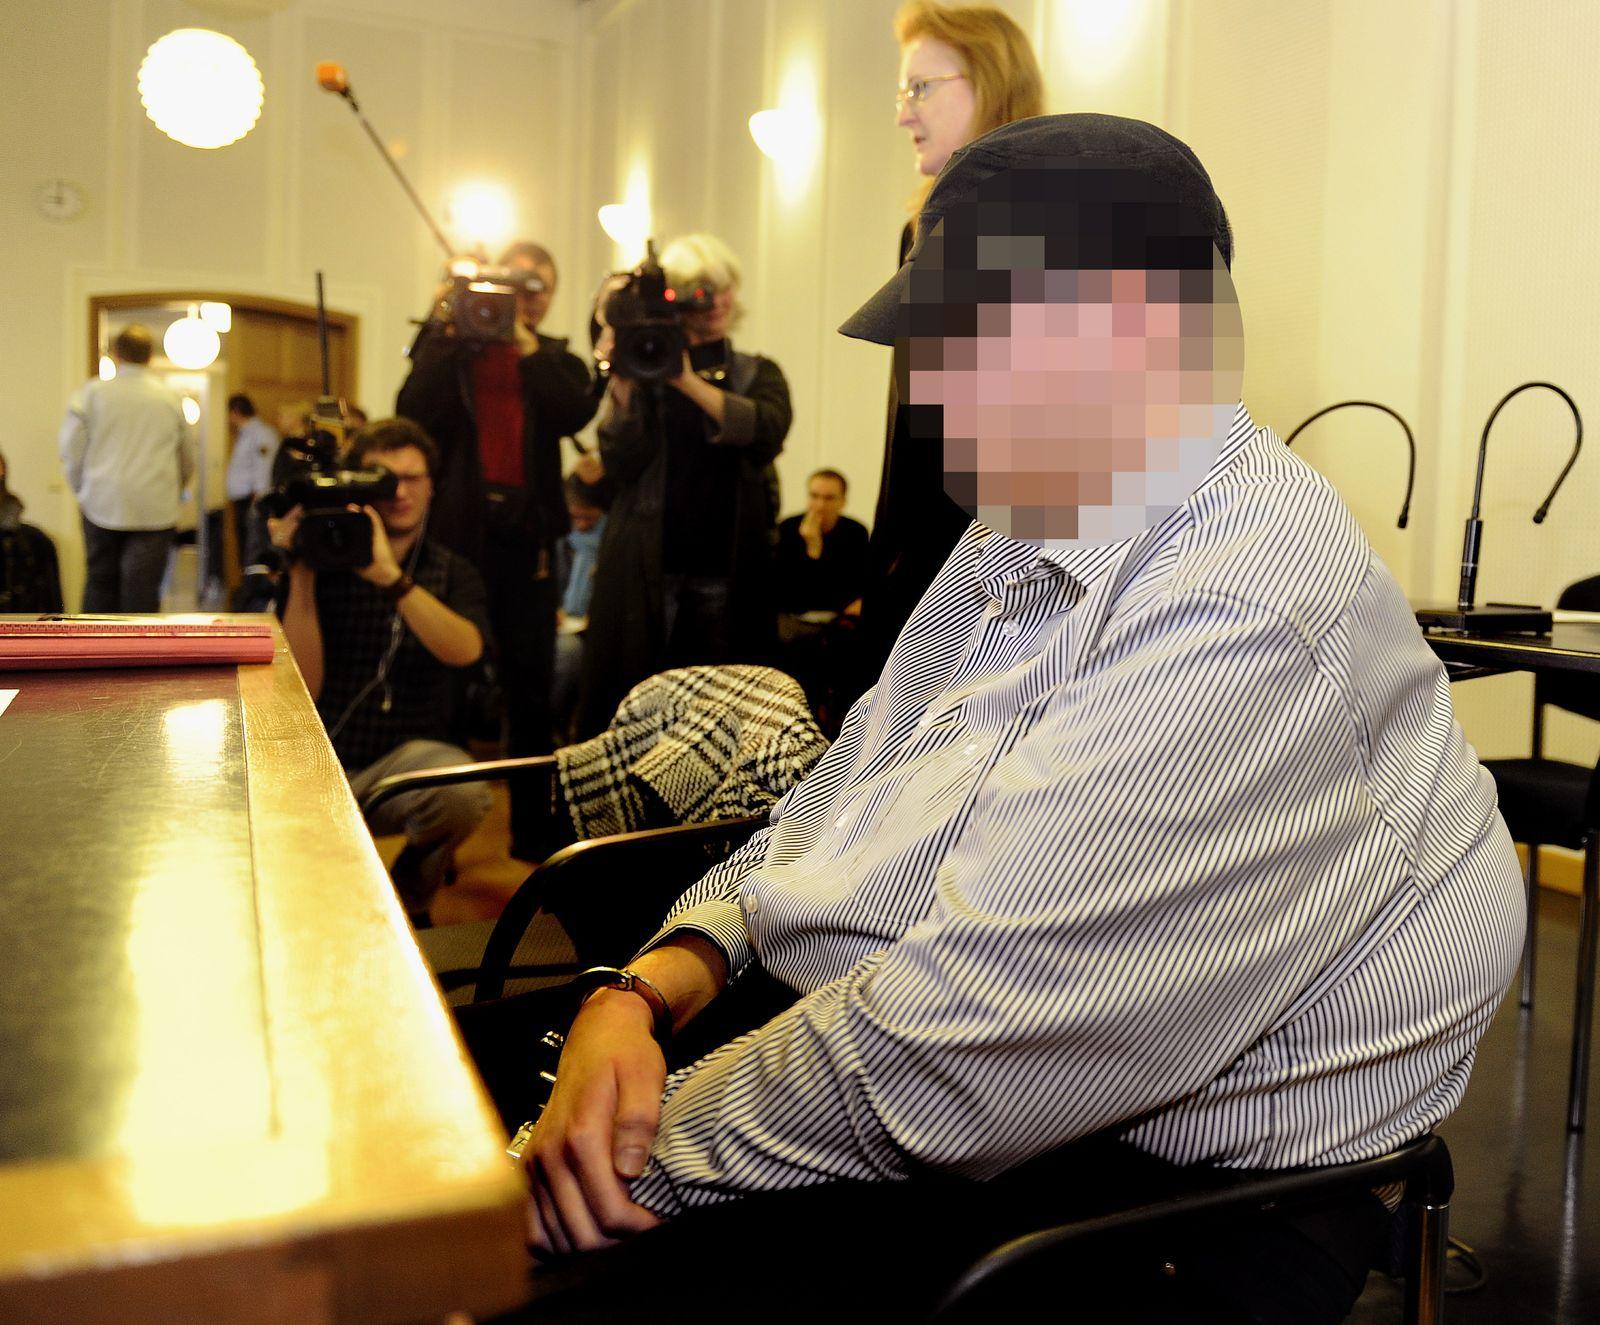 NICHT VERWENDEN Ludwigshafen / Berufschullehrermord